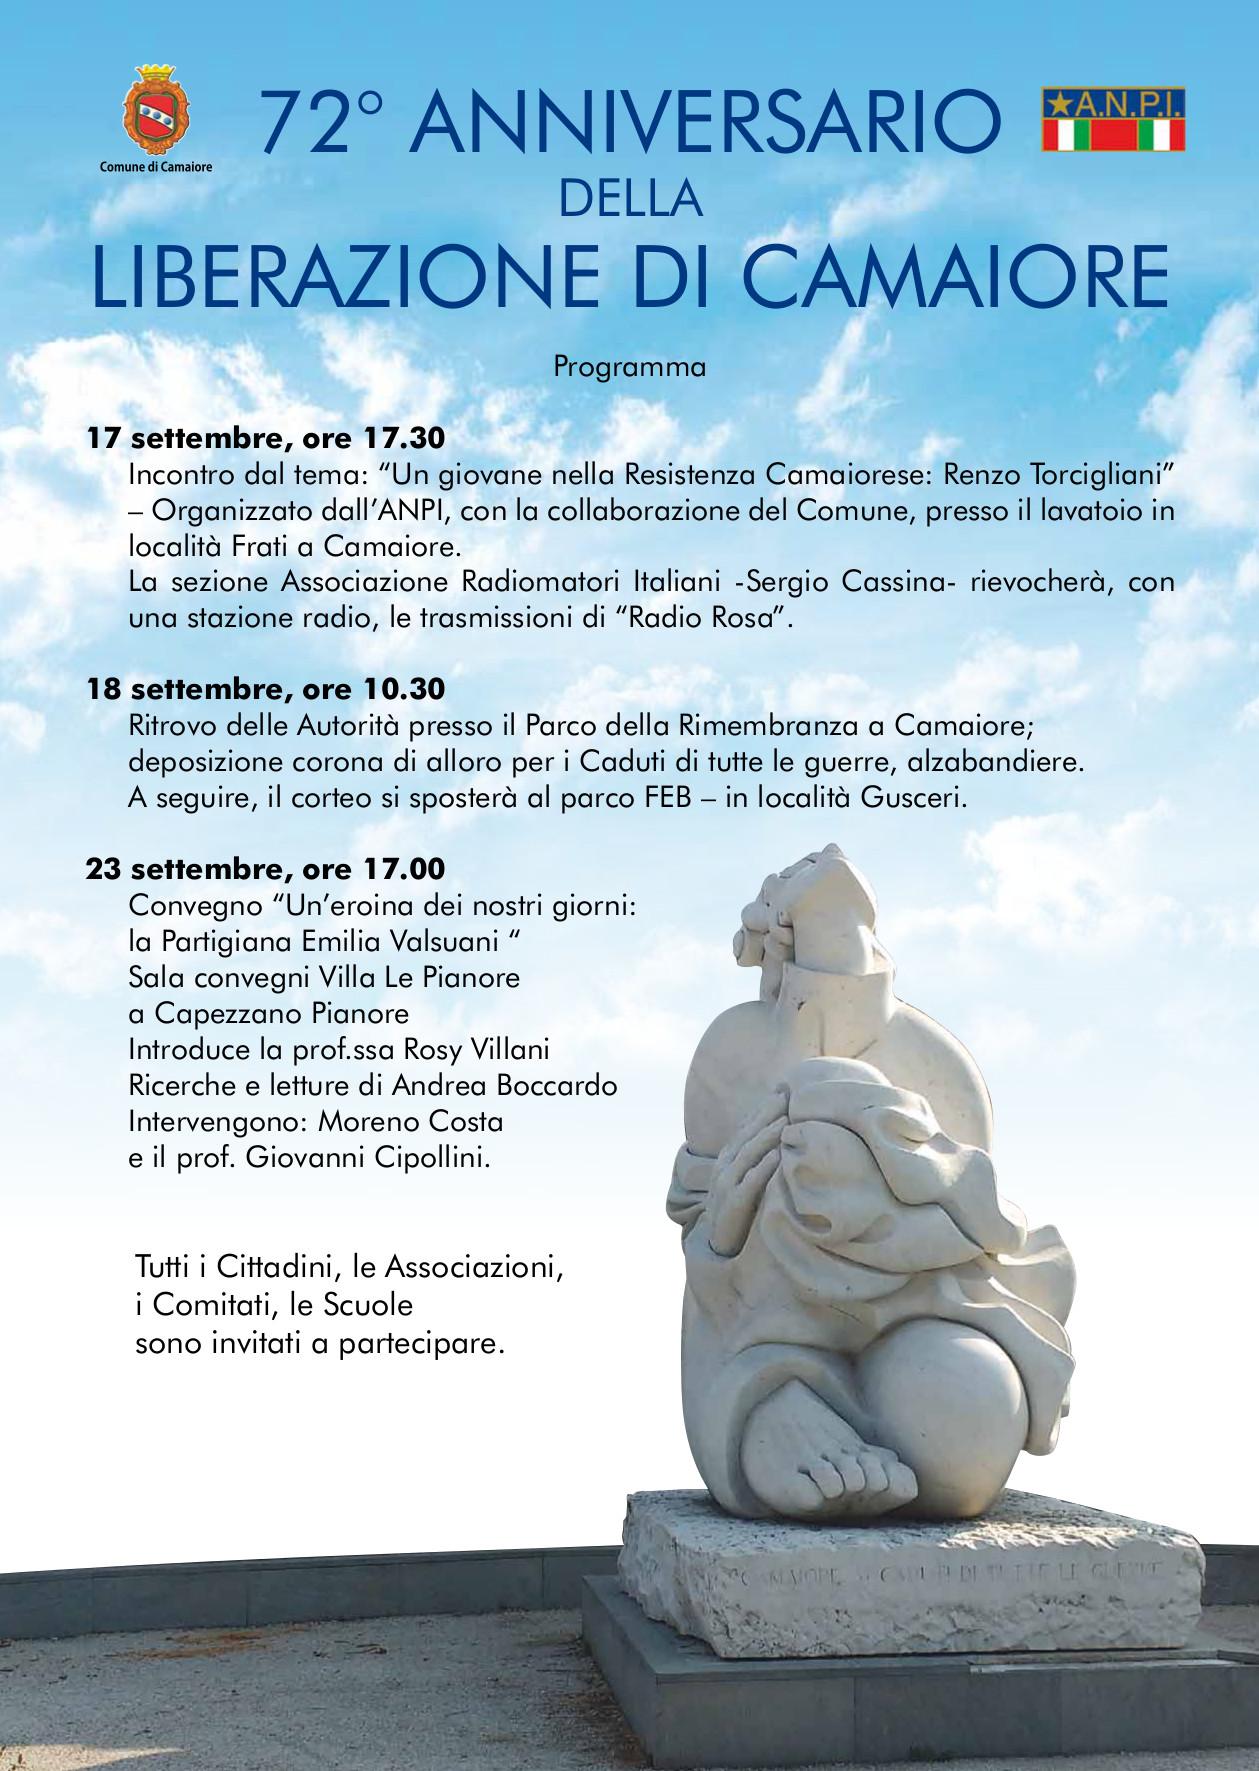 Liberazione Camaiore, tutti gli eventi per il 72esimo anniversario